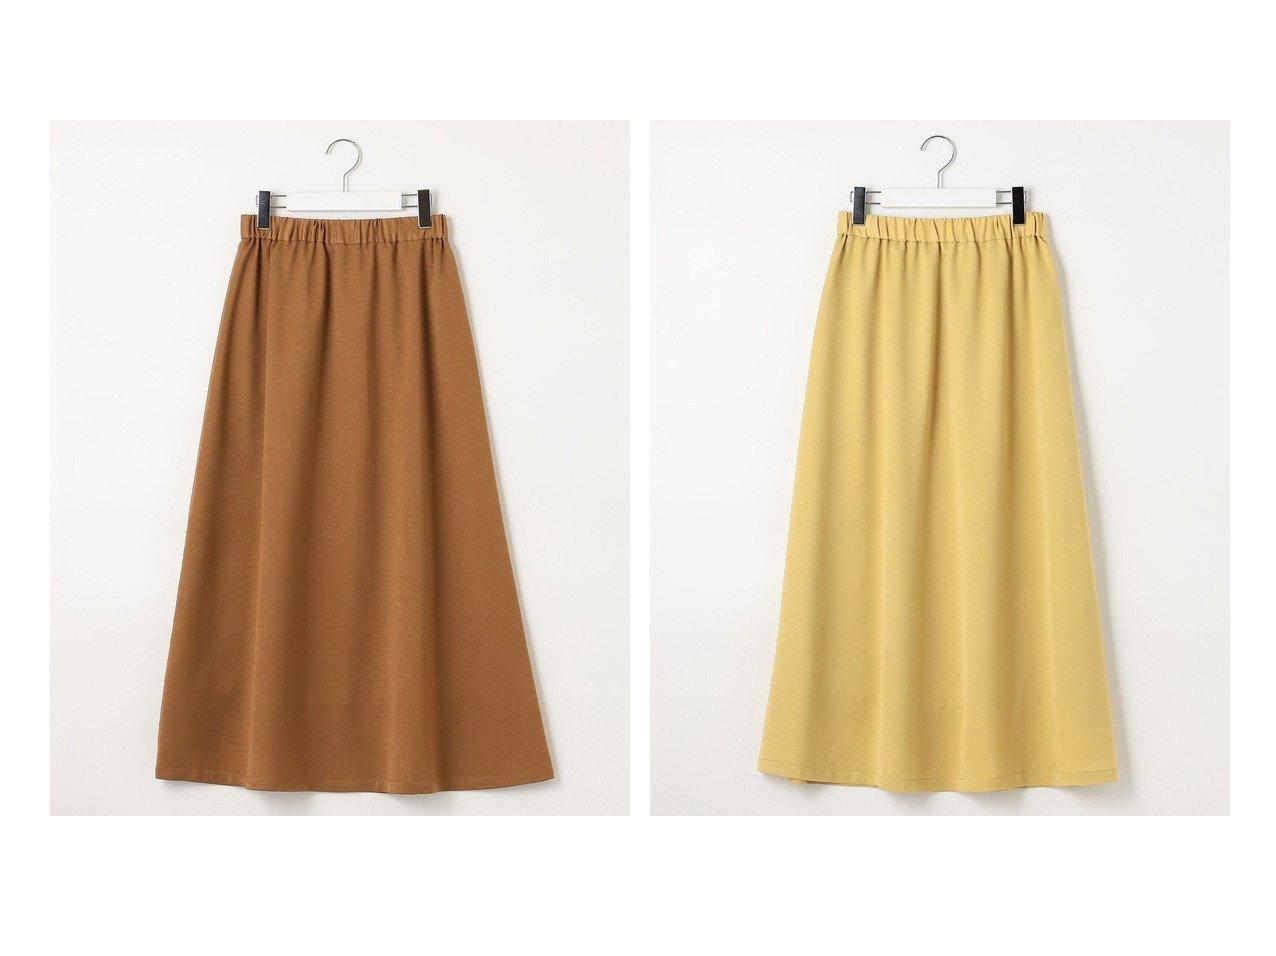 【J.PRESS YORK STREET/ジェイプレスヨークストリート】の【WOMEN】ヴィンテージサテン スカート 【スカート】おすすめ!人気、トレンド・レディースファッションの通販 おすすめで人気の流行・トレンド、ファッションの通販商品 インテリア・家具・メンズファッション・キッズファッション・レディースファッション・服の通販 founy(ファニー) https://founy.com/ ファッション Fashion レディースファッション WOMEN スカート Skirt 送料無料 Free Shipping サテン ヴィンテージ |ID:crp329100000072548